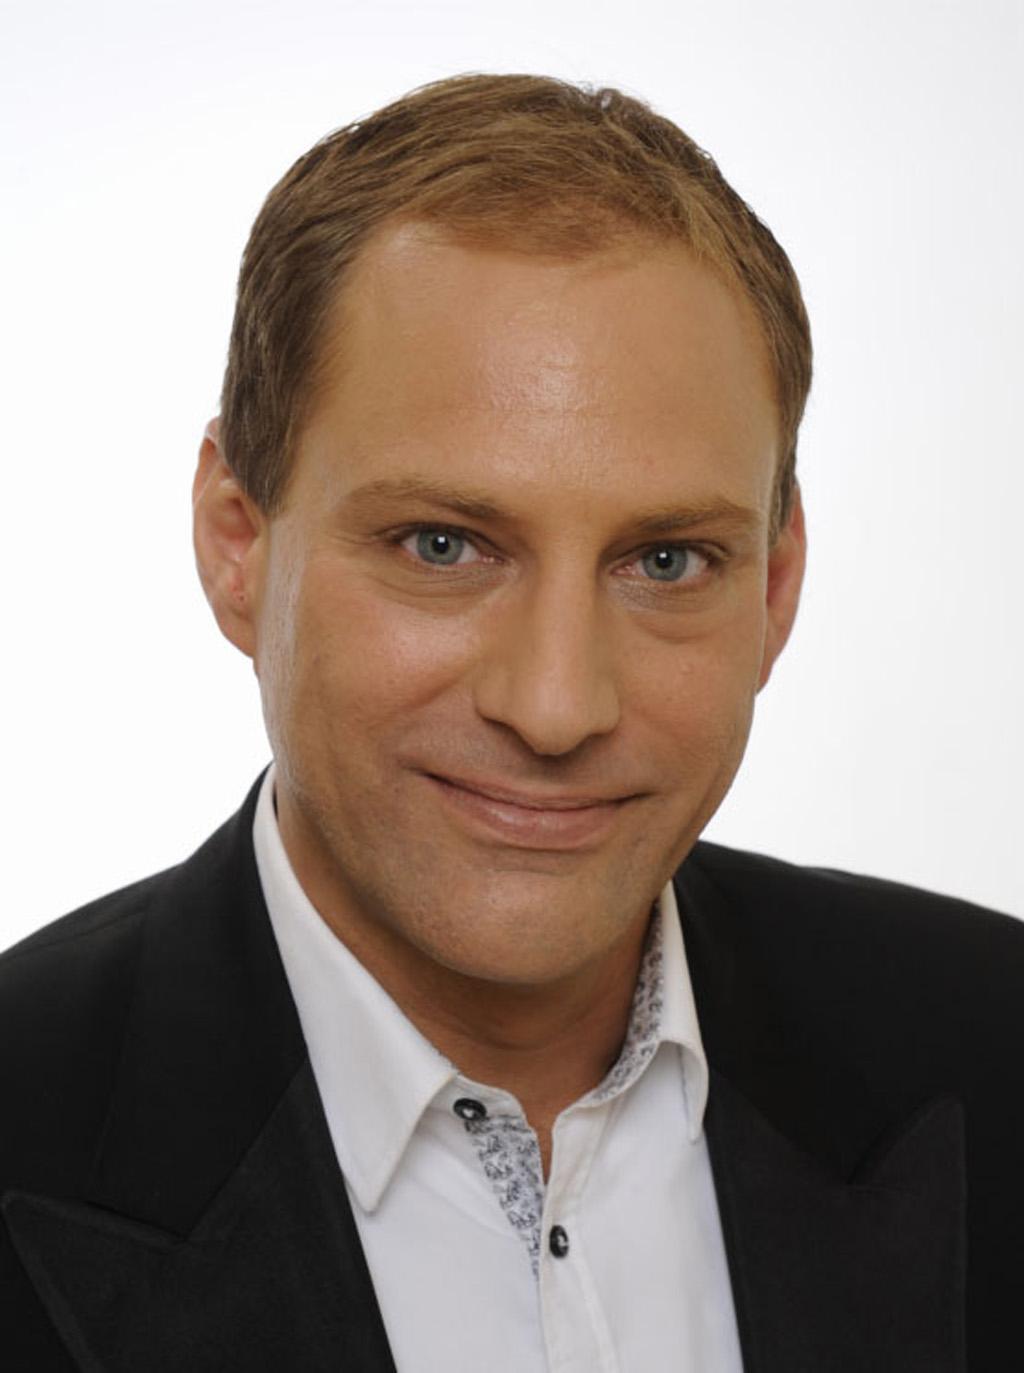 Nicolai Gajek